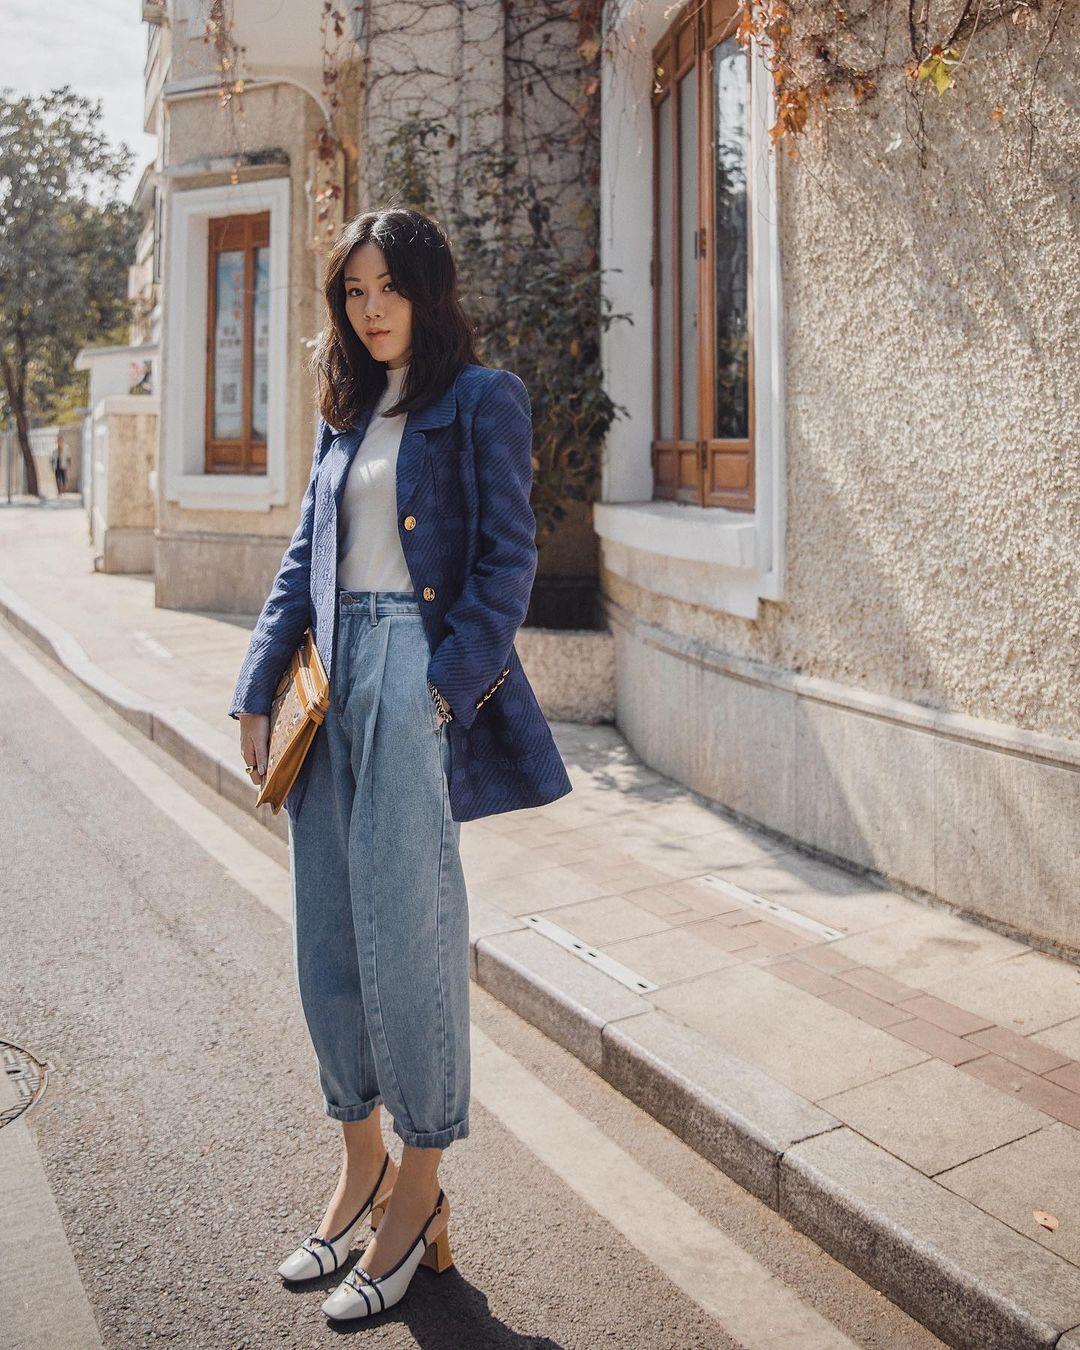 áo blazer phối cùng quần jeans nghệ thuật phối đồ layer